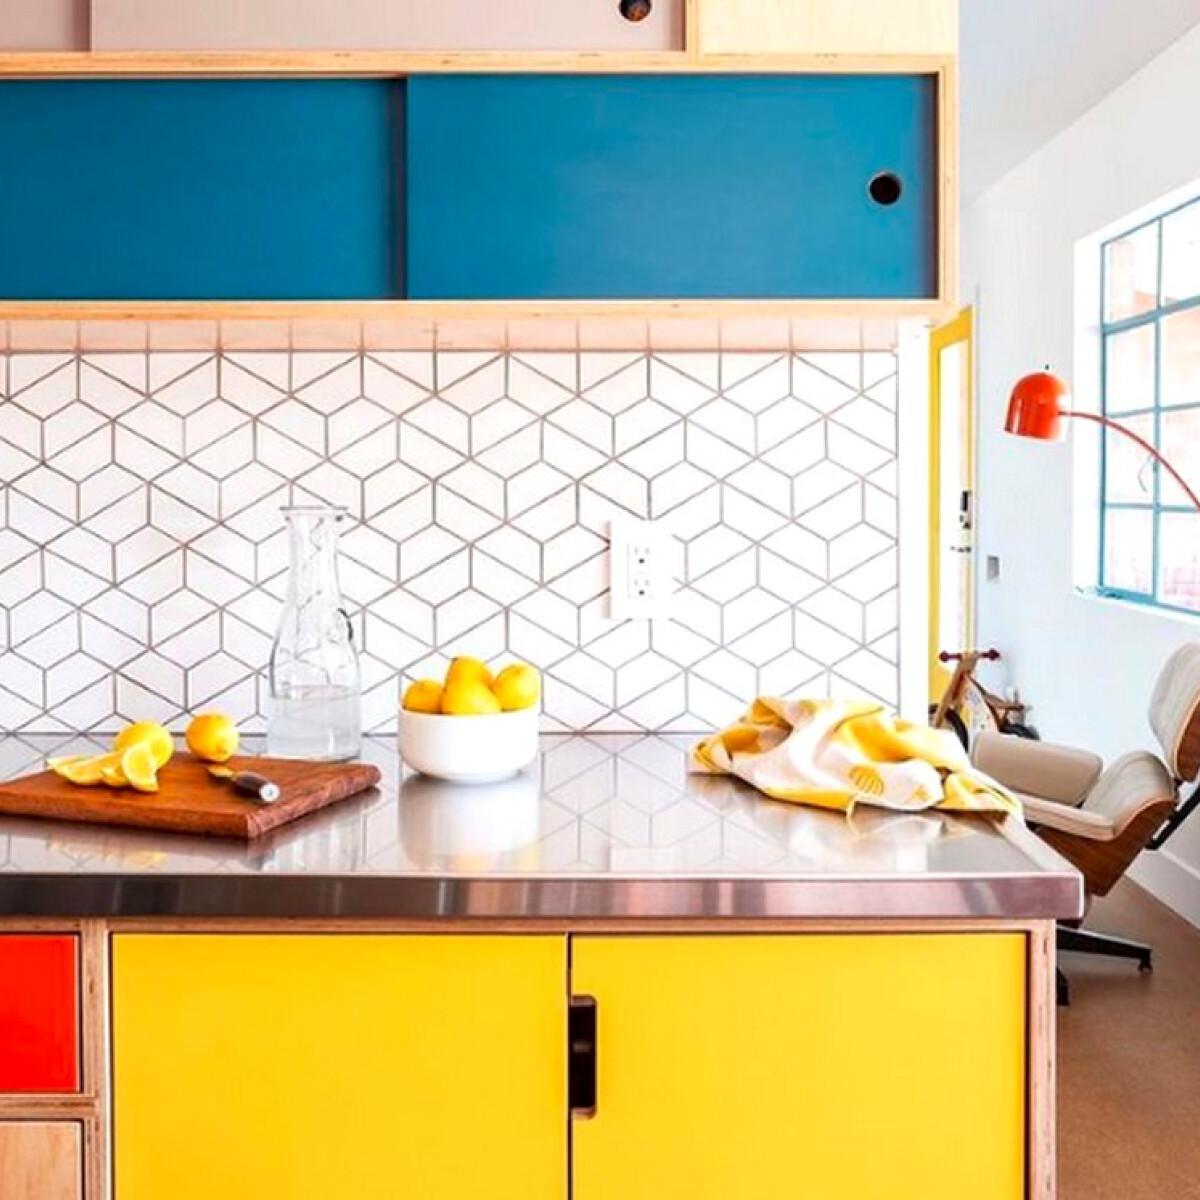 Itt vannak az idei nyár ütős konyhai dekortrendjei